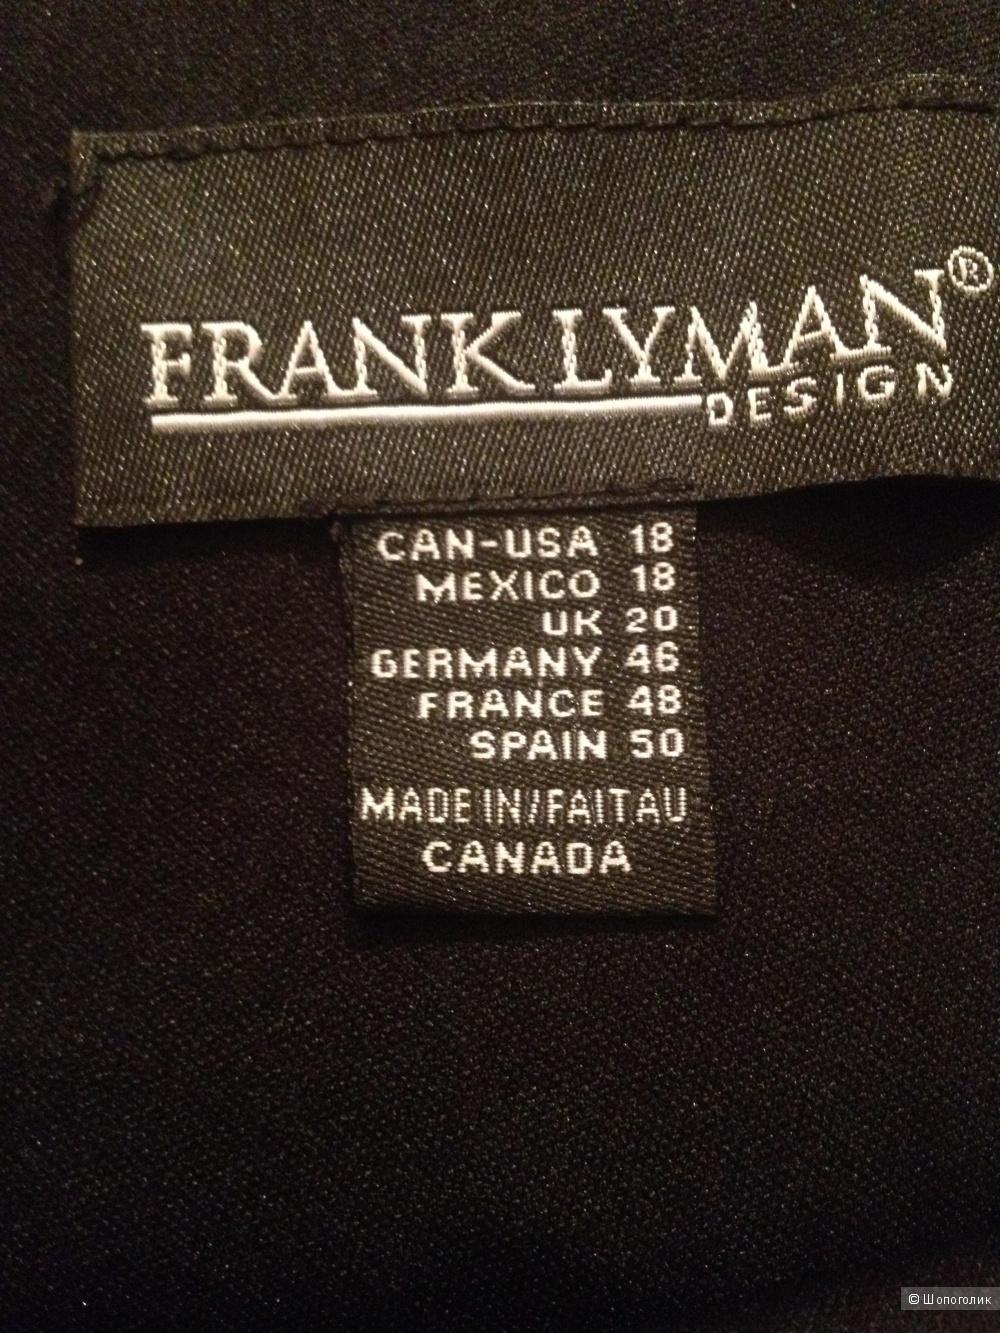 Коктейльное платье 52-54 размера Frank Lyman (Канада)  с кружевом цвета золота